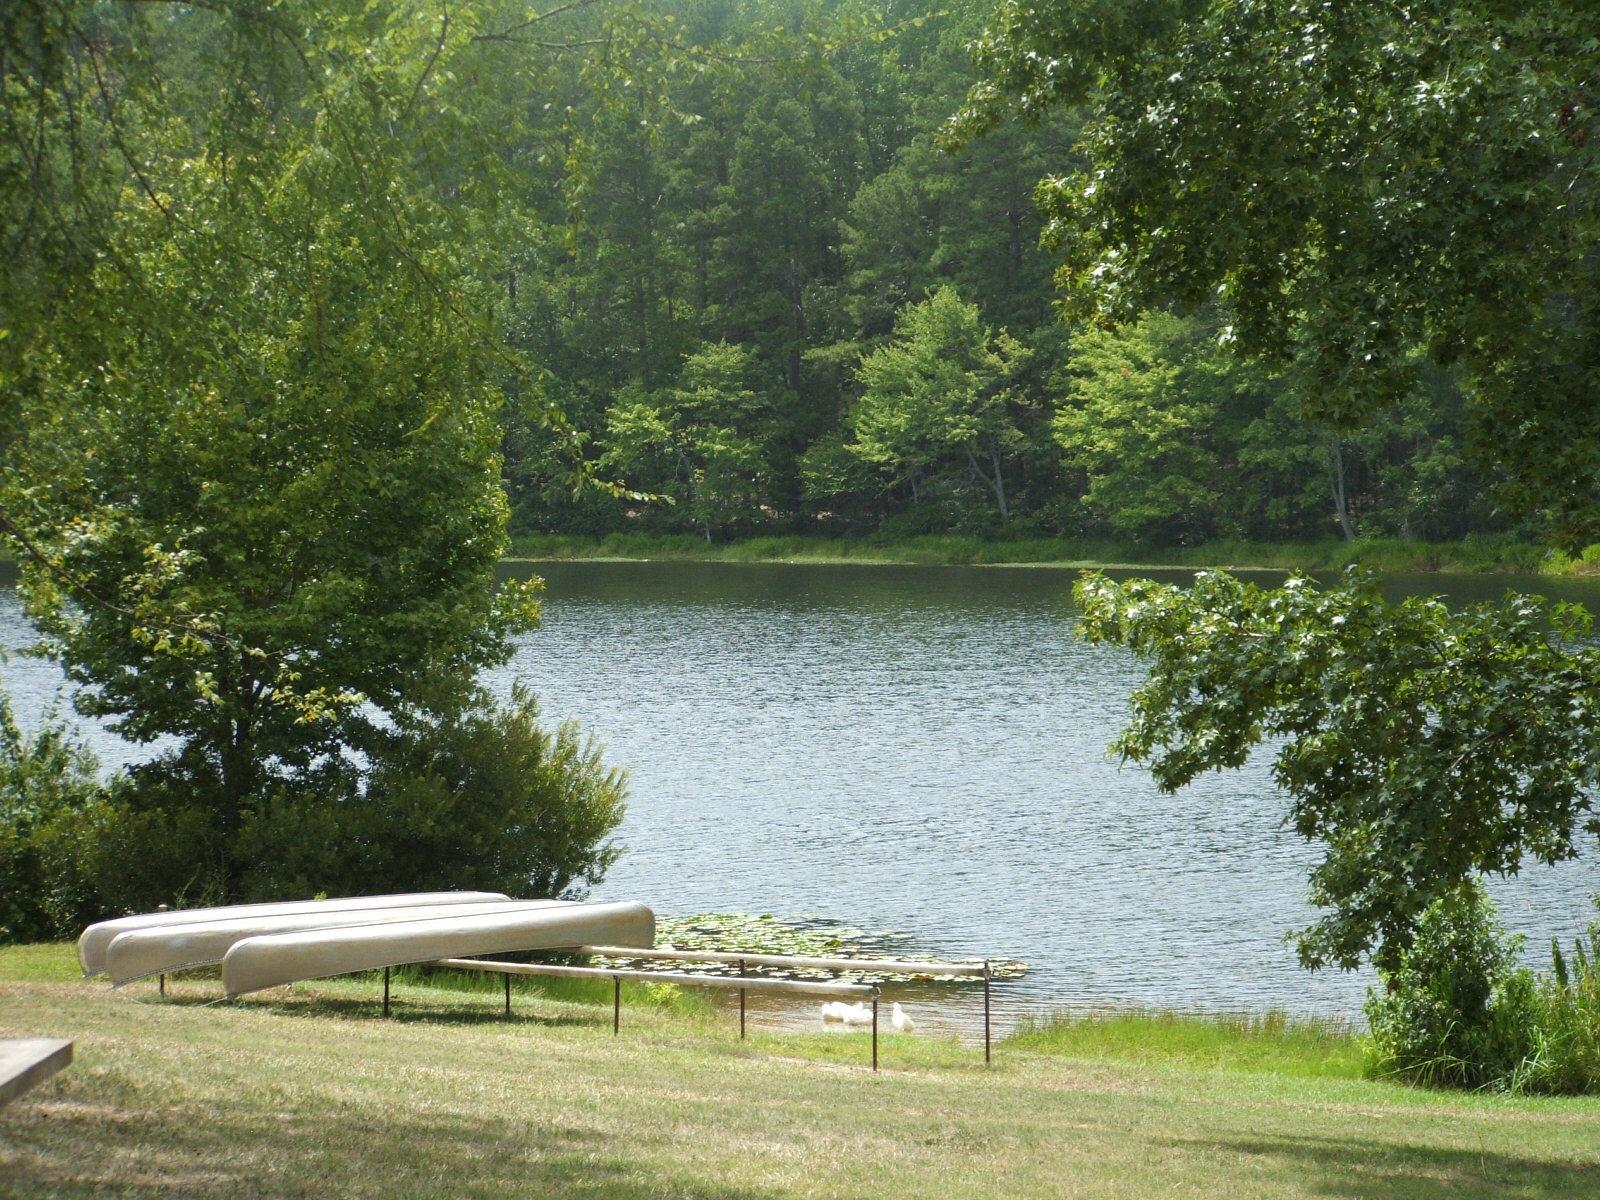 statepark canoe.jpg